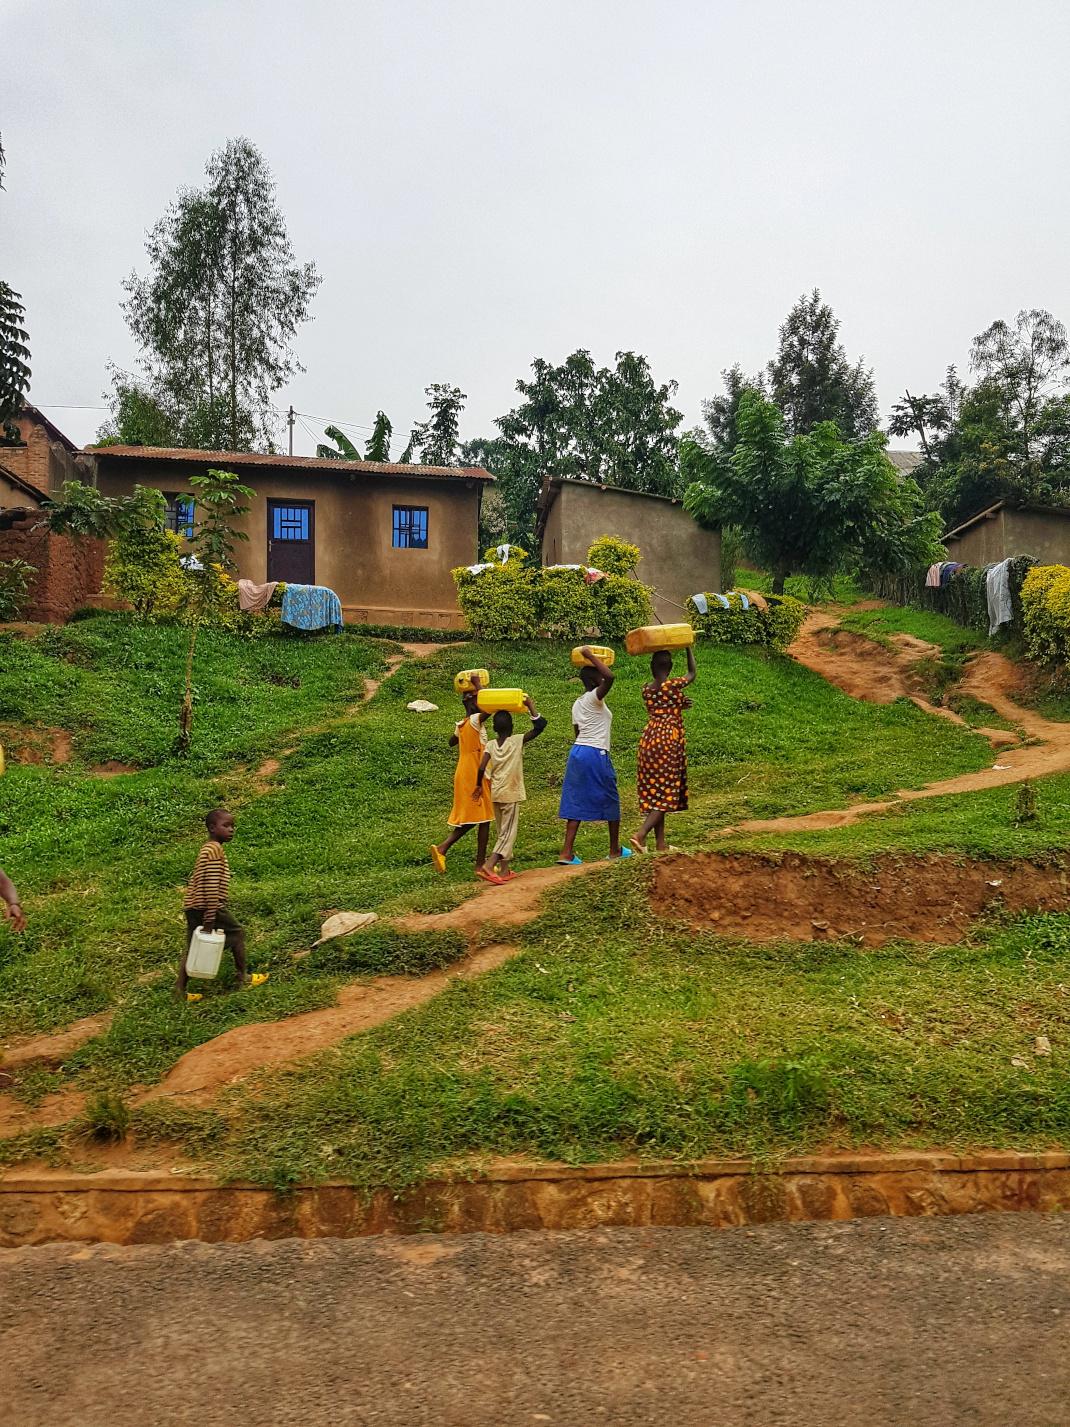 Τα σπίτια στη Ρουάντα